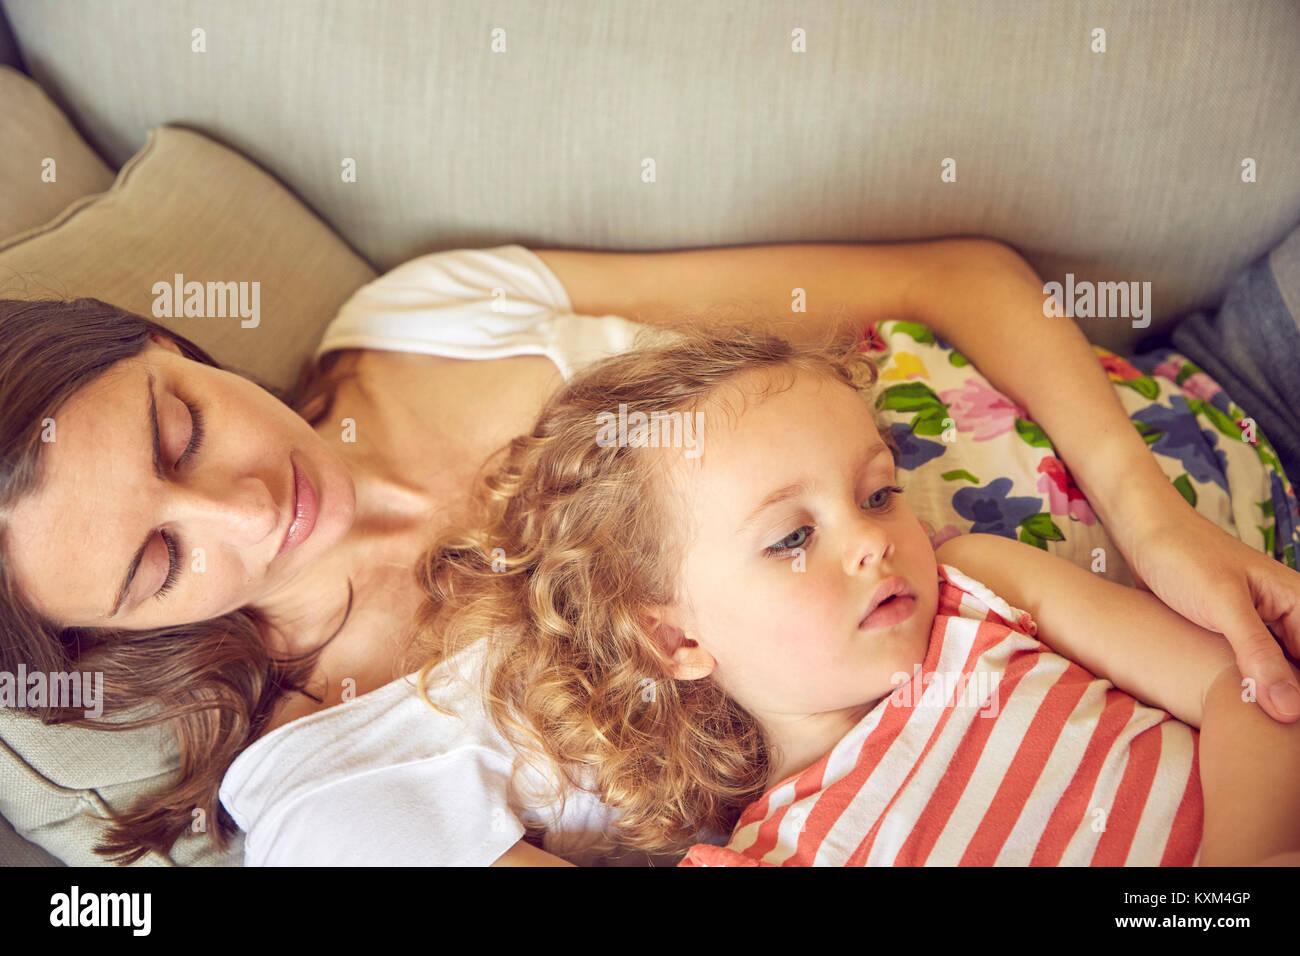 Donna incinta e la figlia sdraiata su un divano Immagini Stock